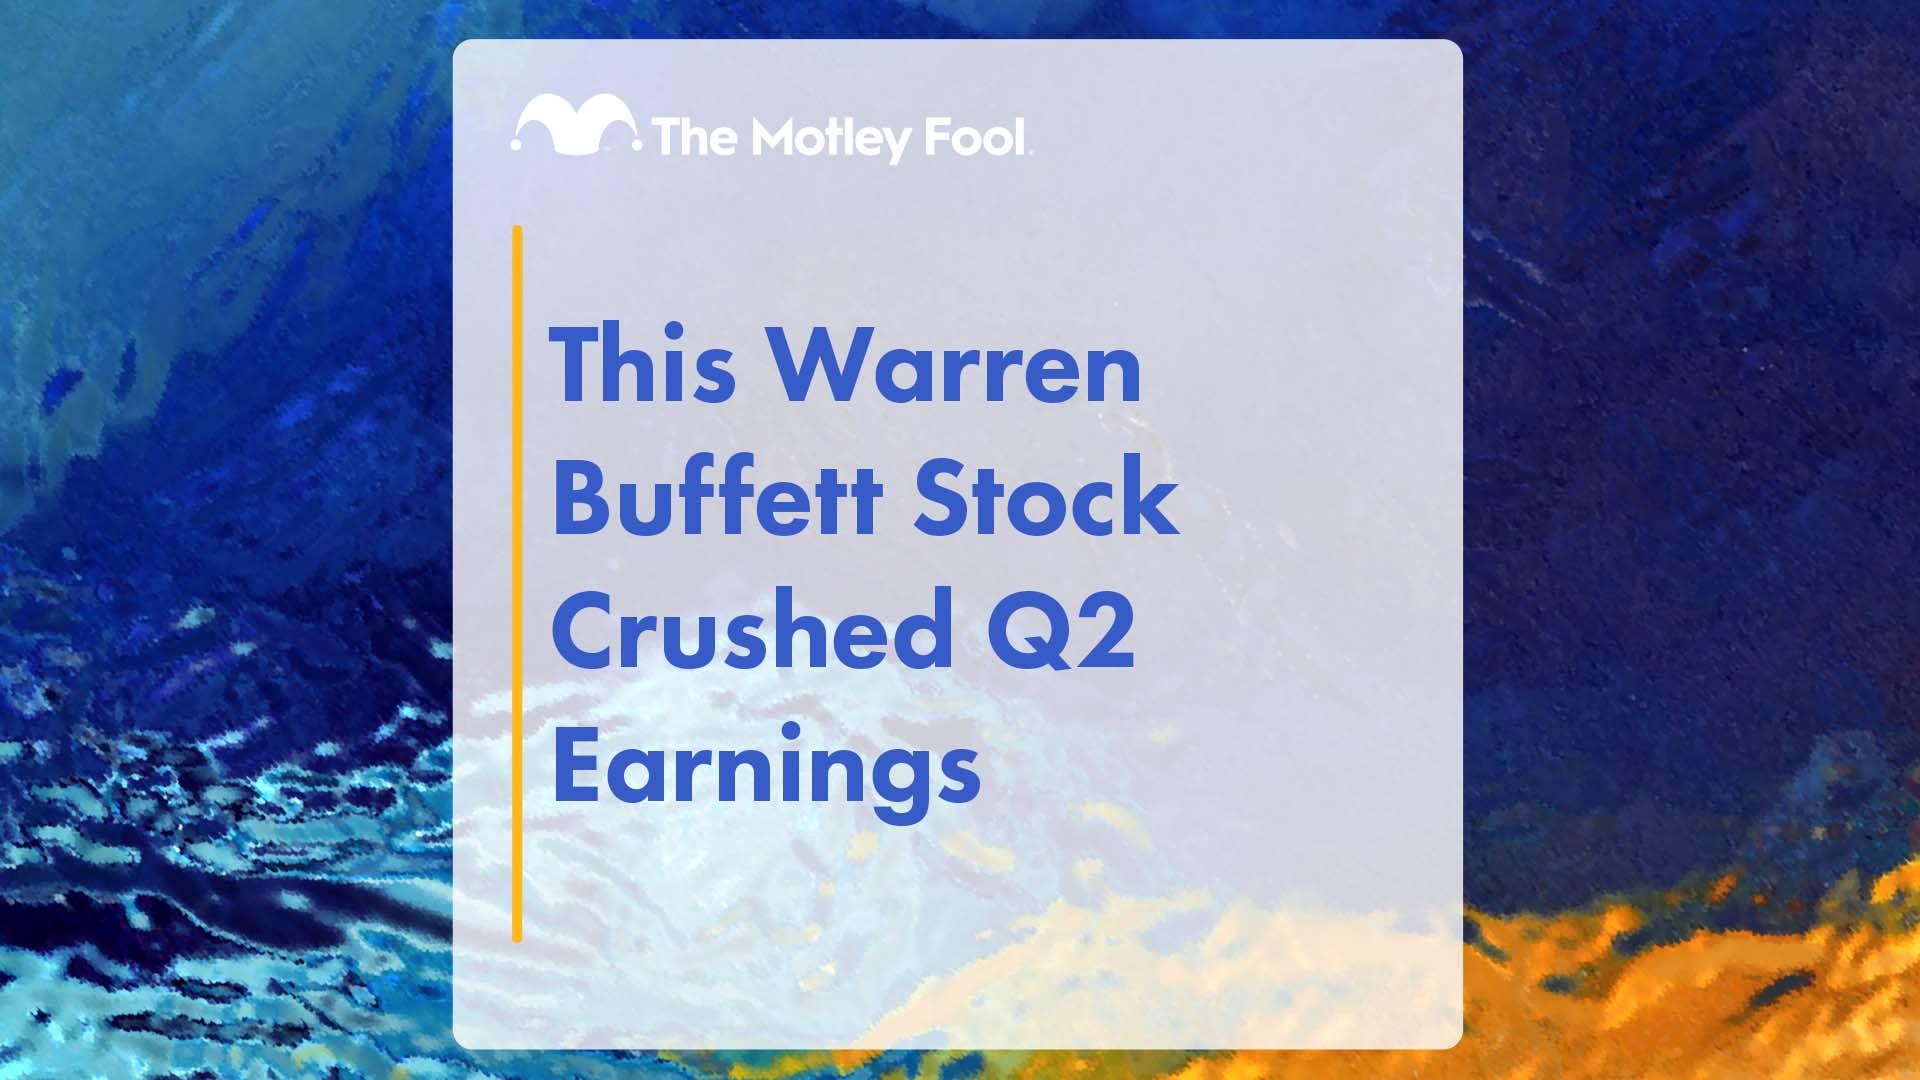 This Warren Buffett Stock Crushed Q2 Earnings